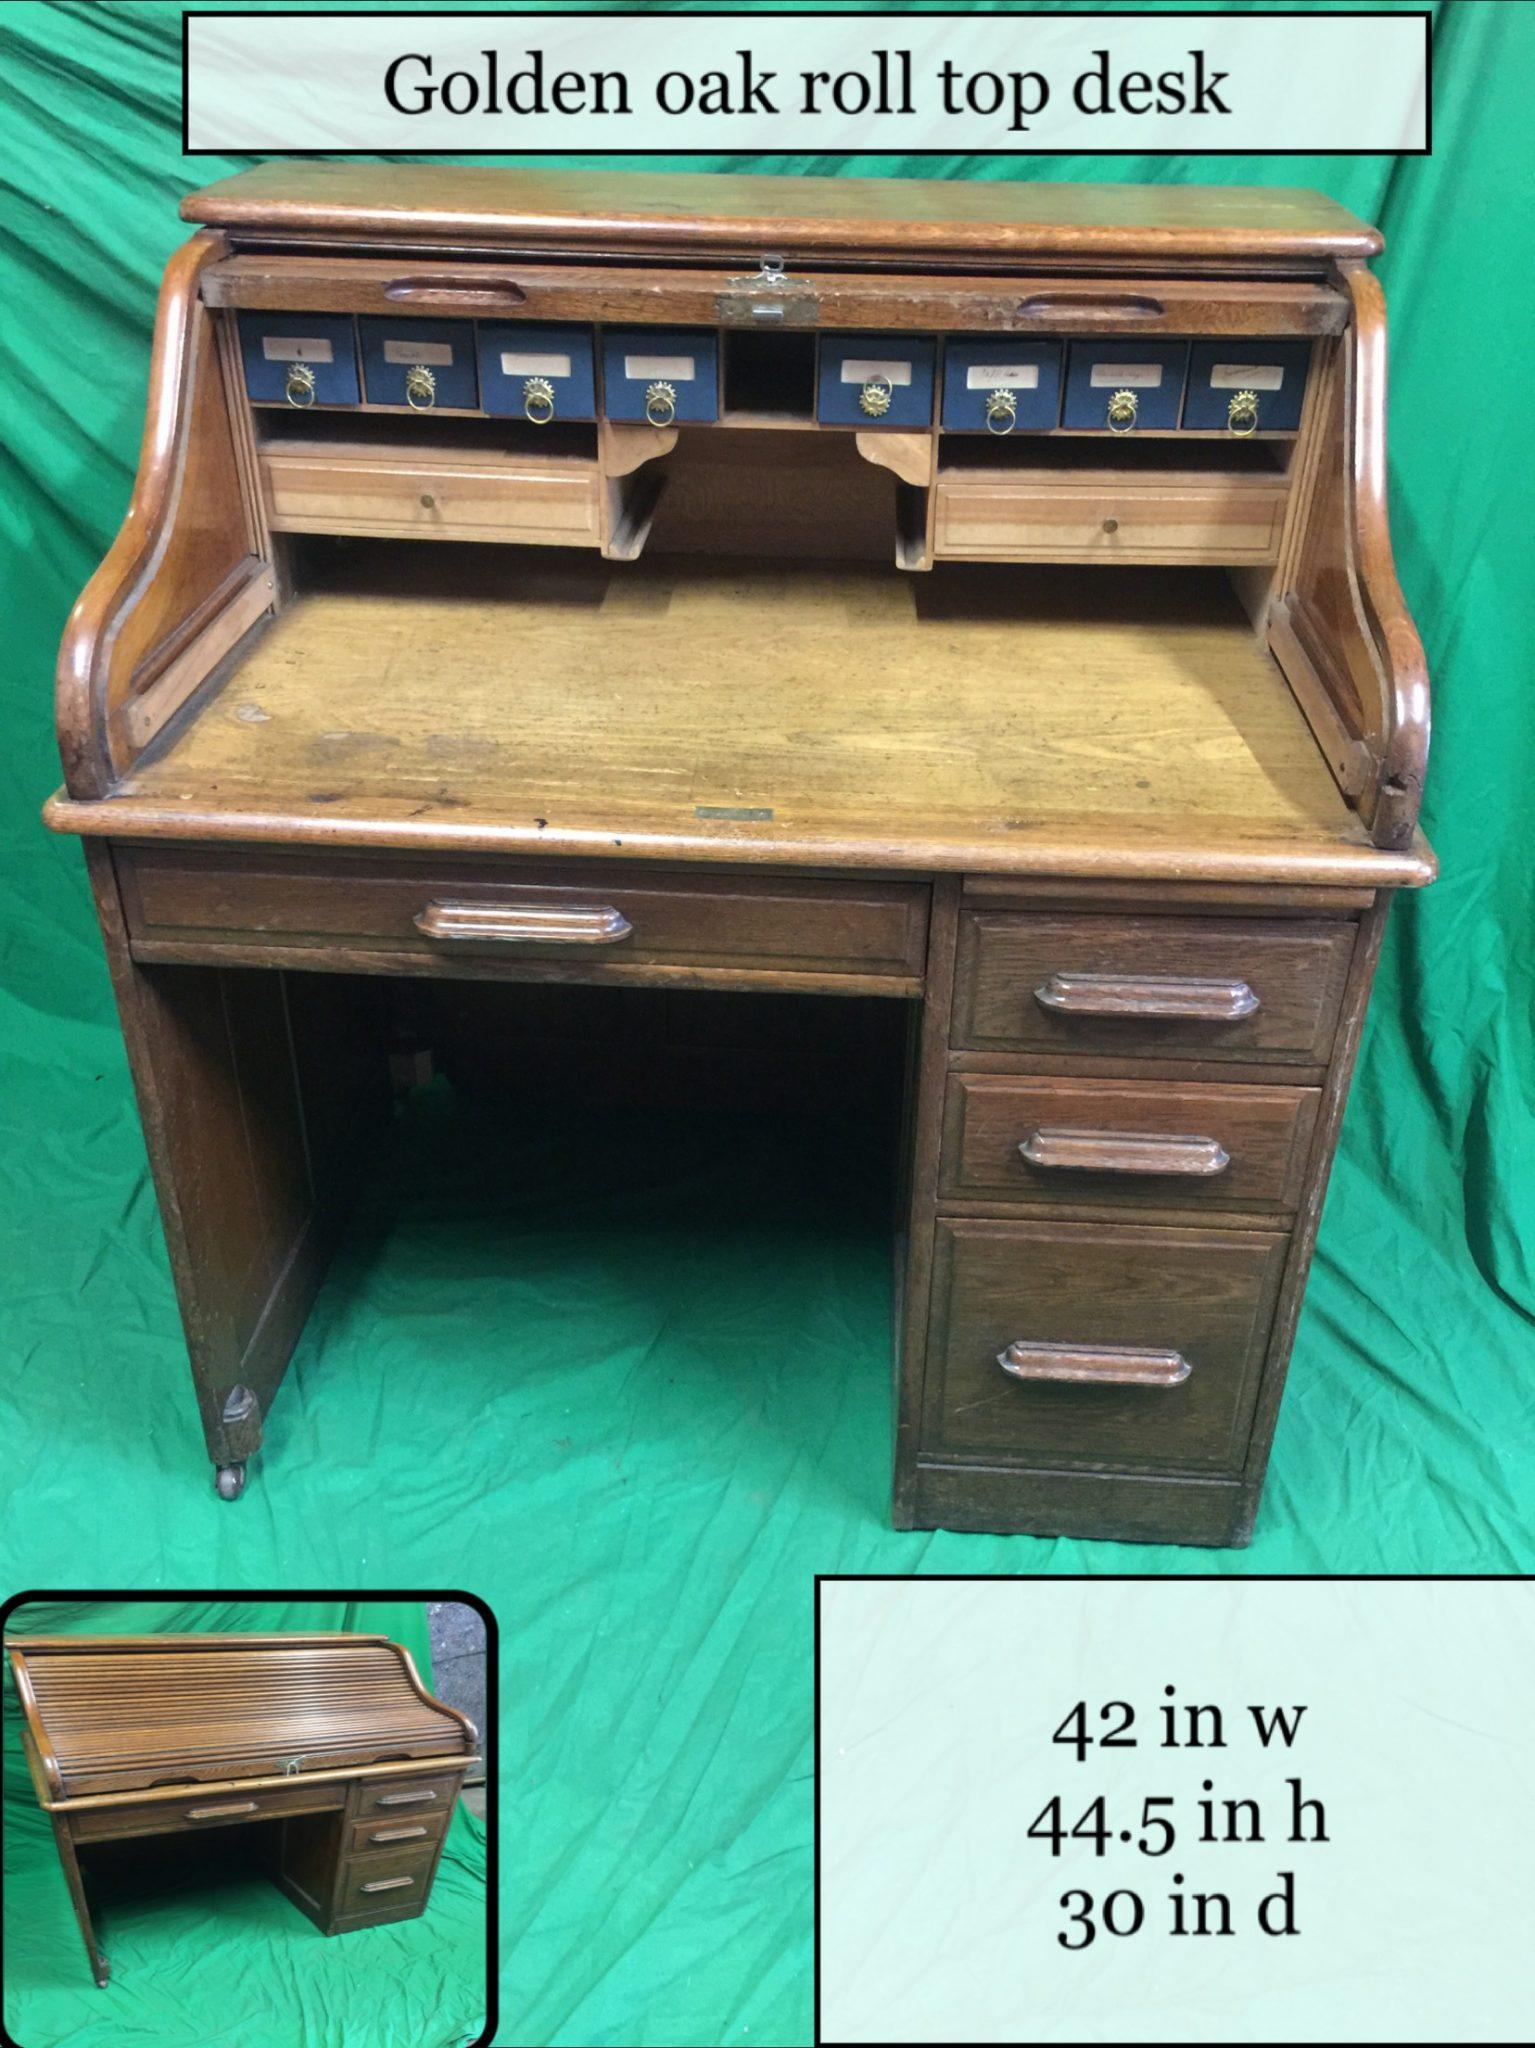 Thbsprtd001 Oak Single Pedestal Roll Top Desk Image